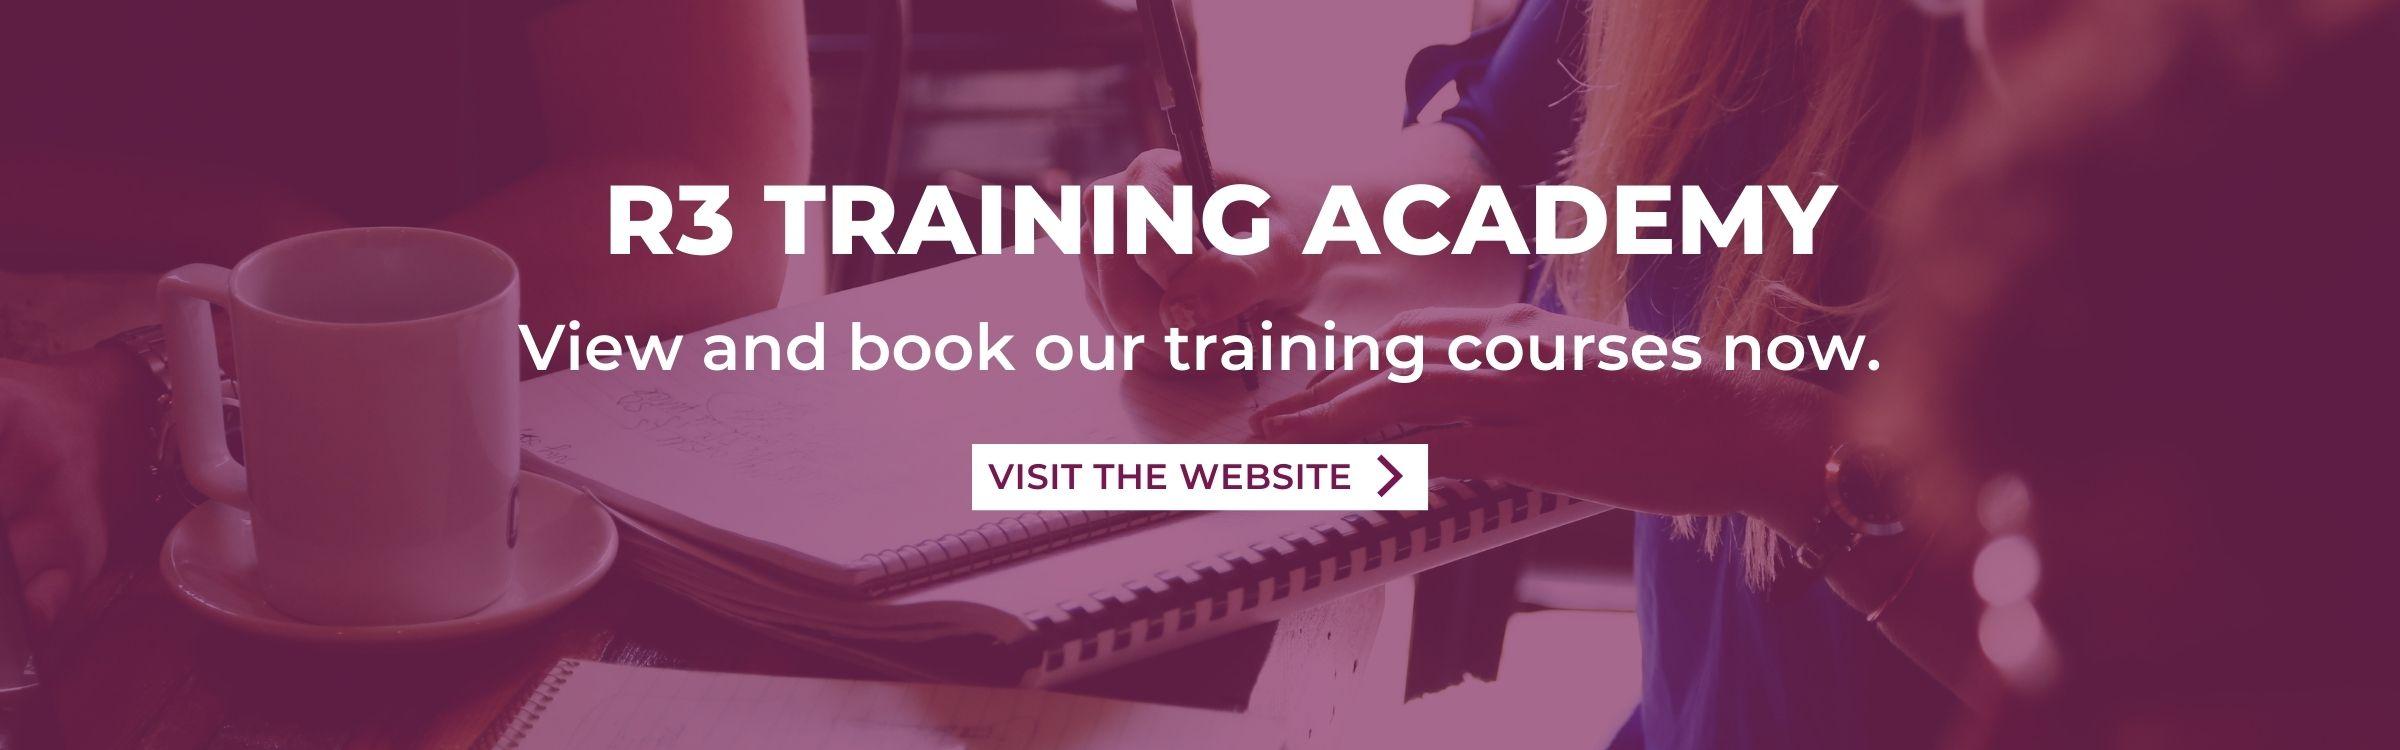 R3 Training Academy